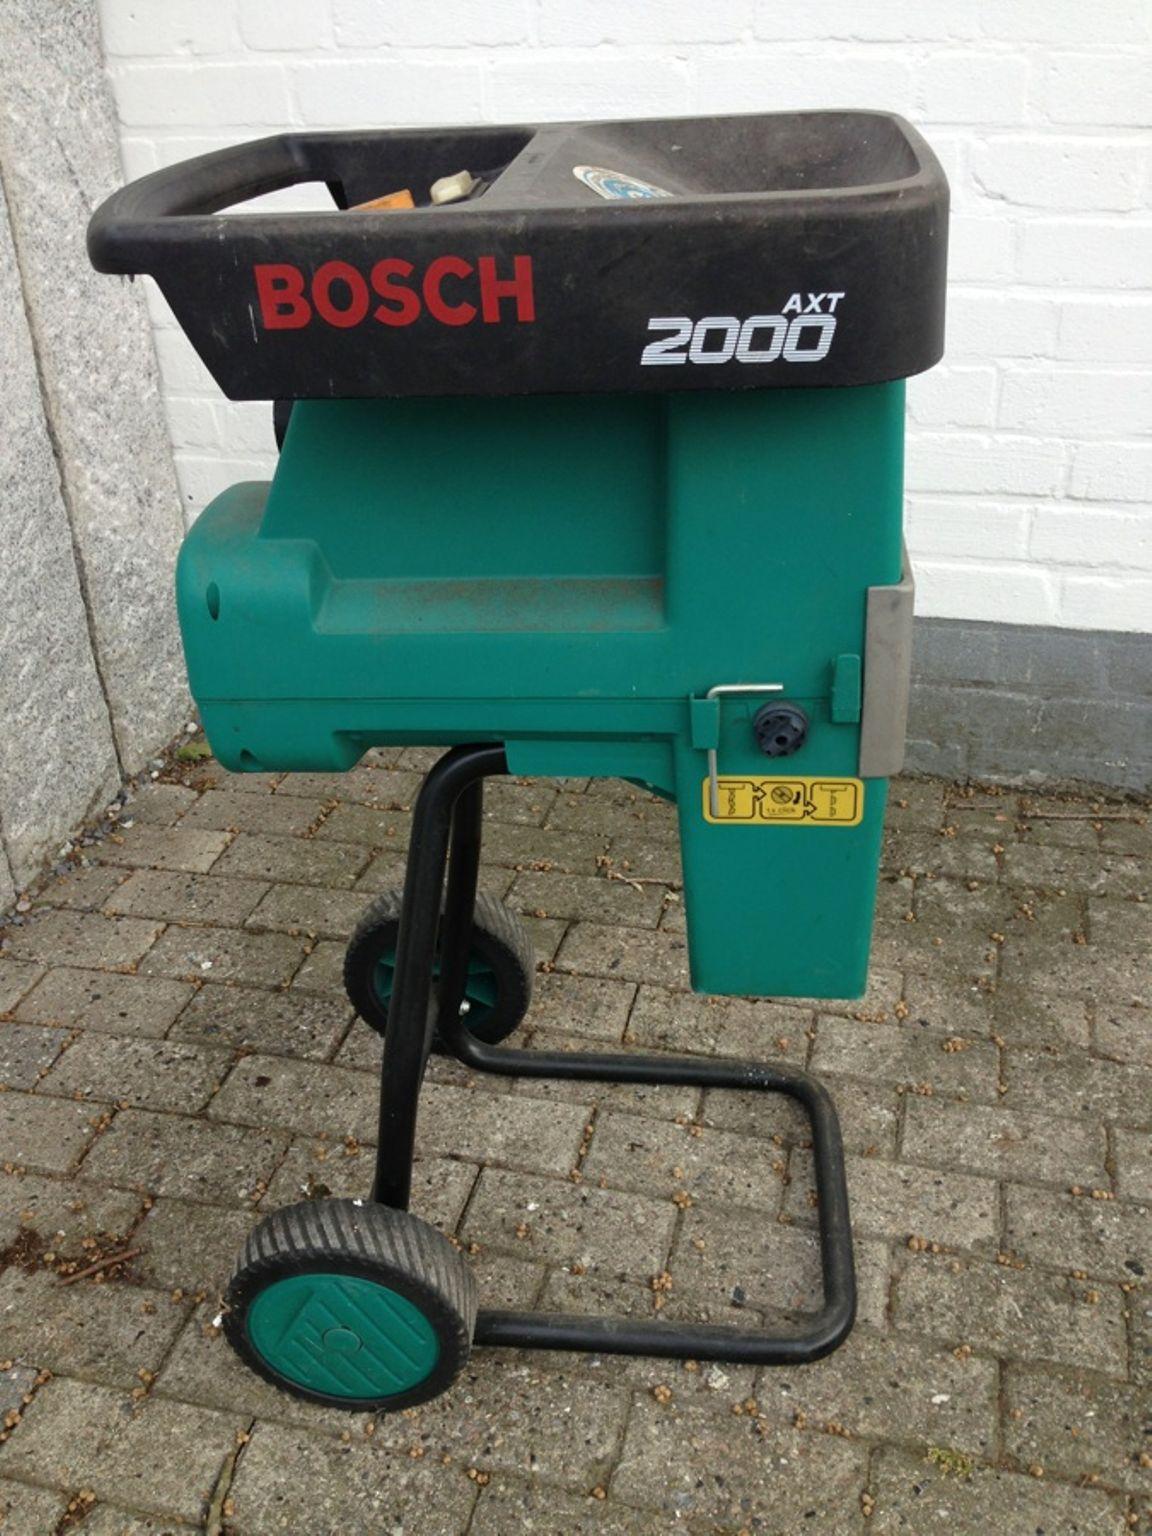 bosch axt 2000